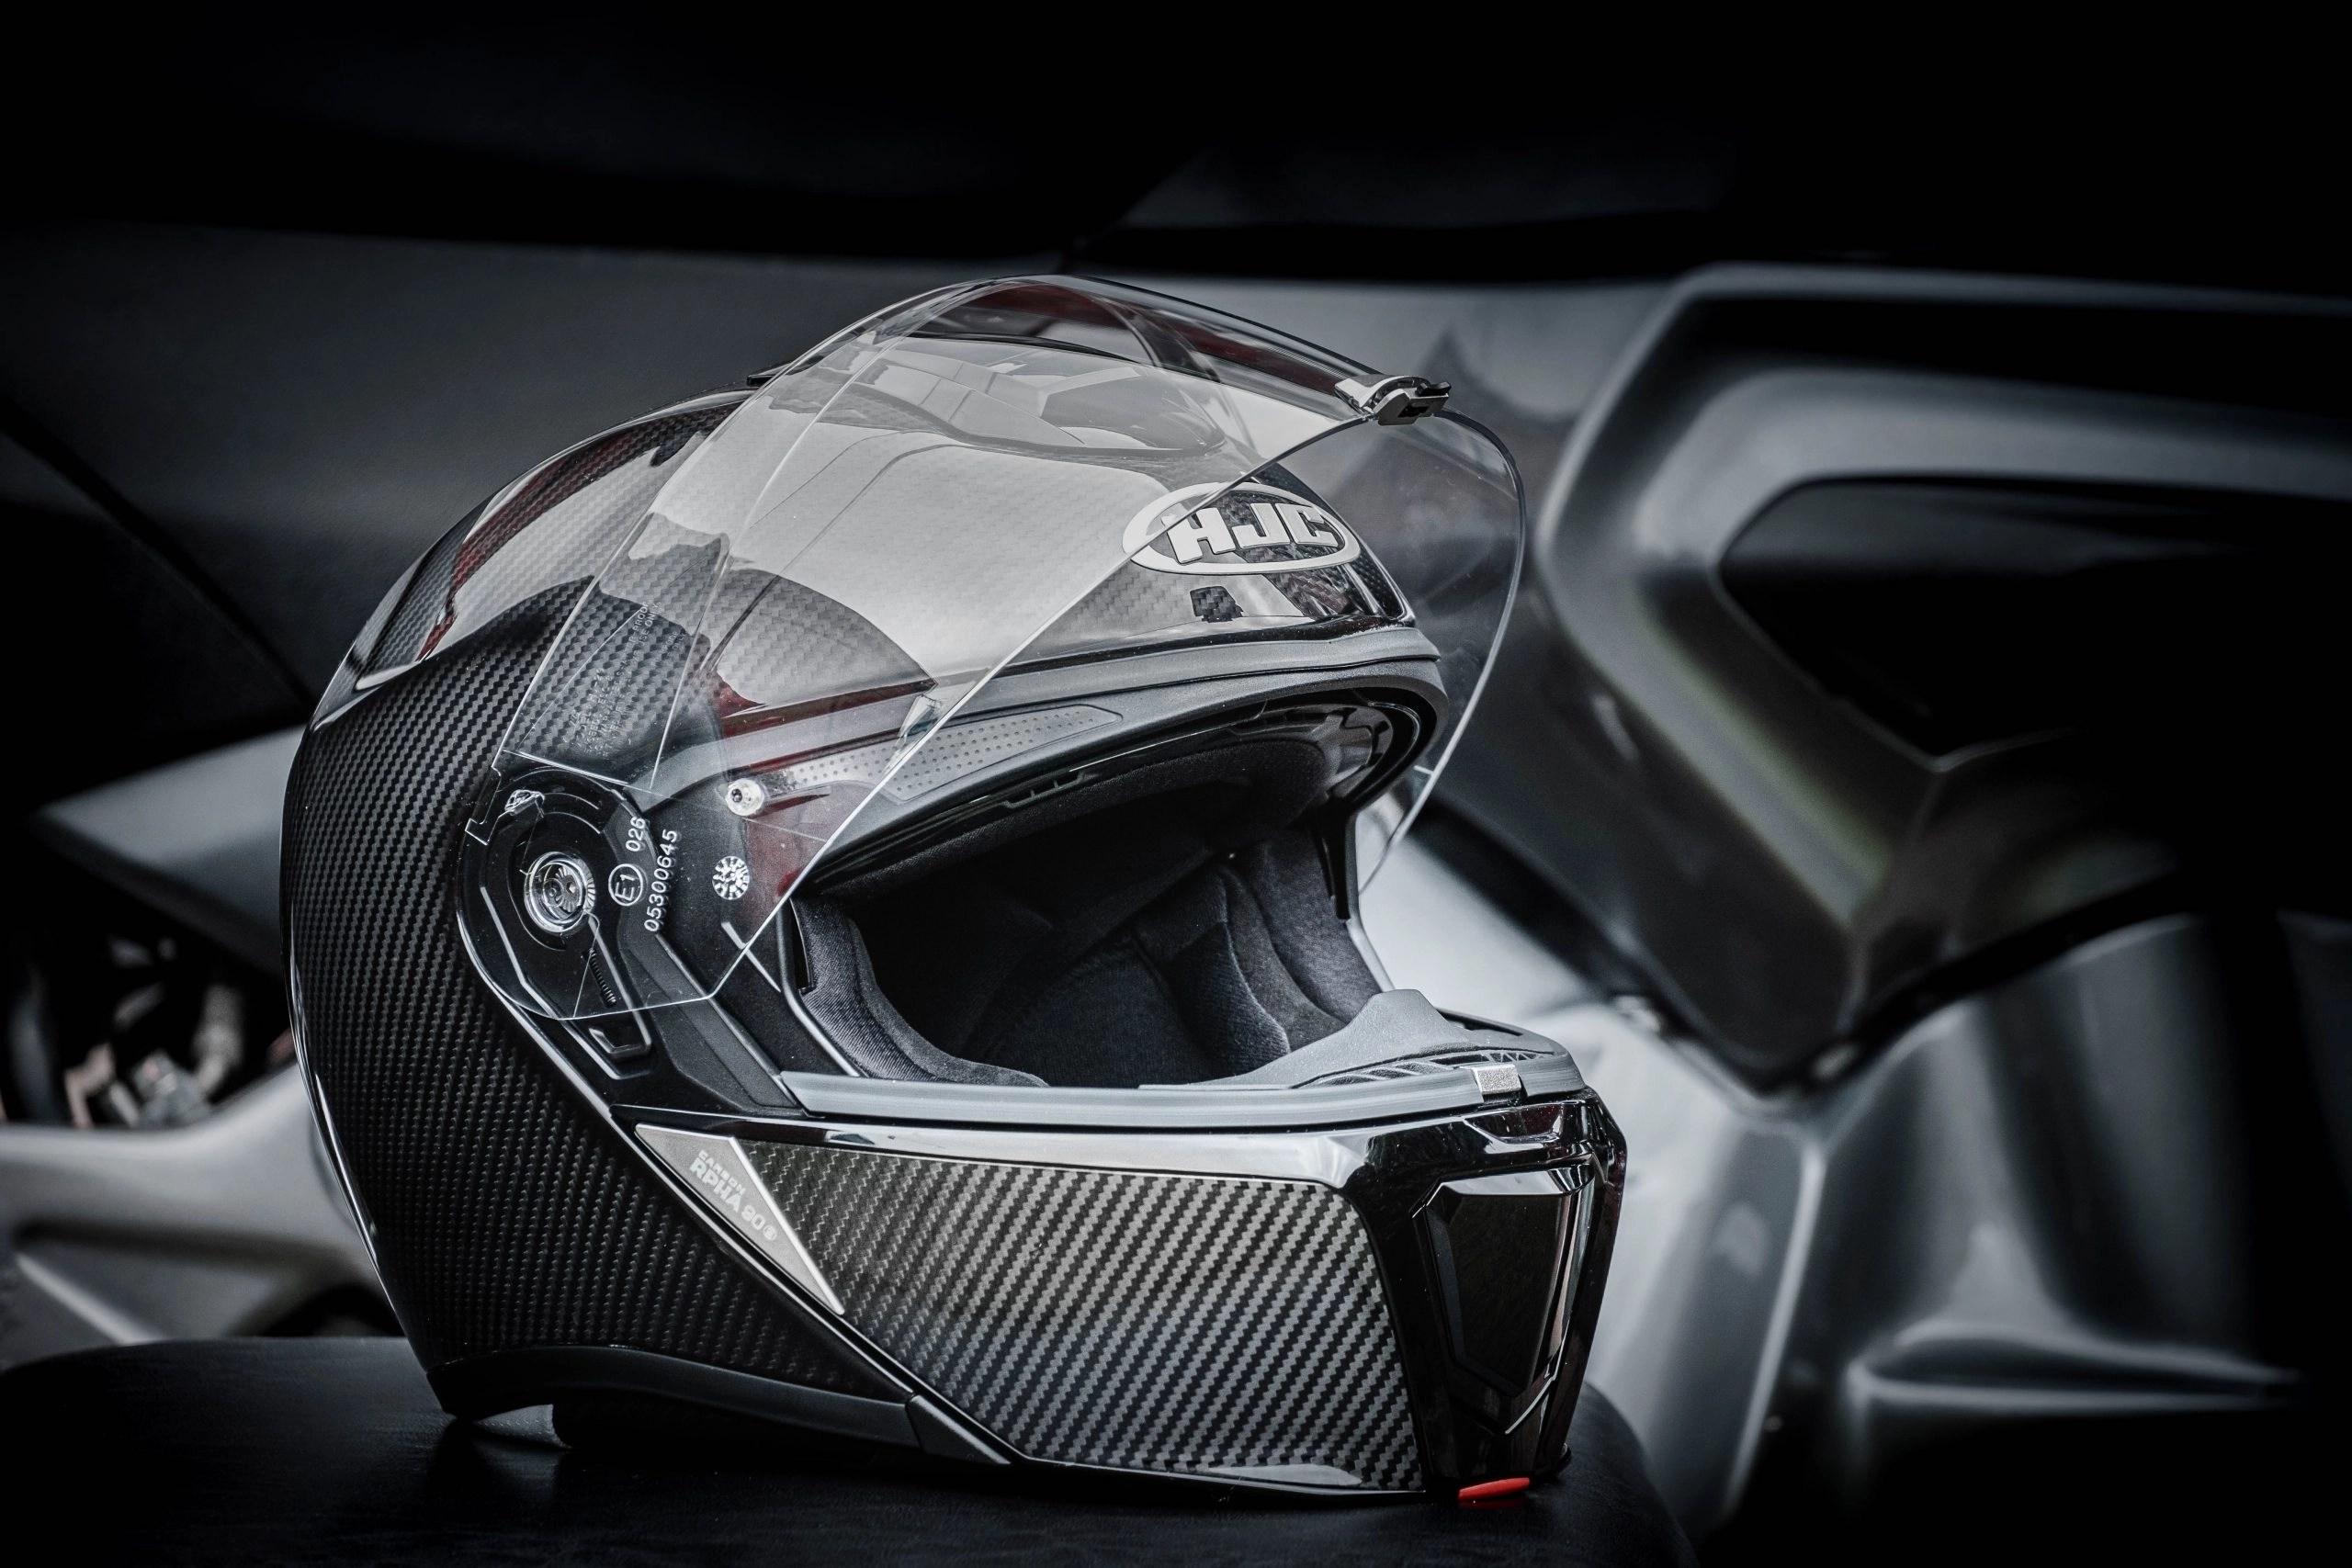 HJC RPHA helmet